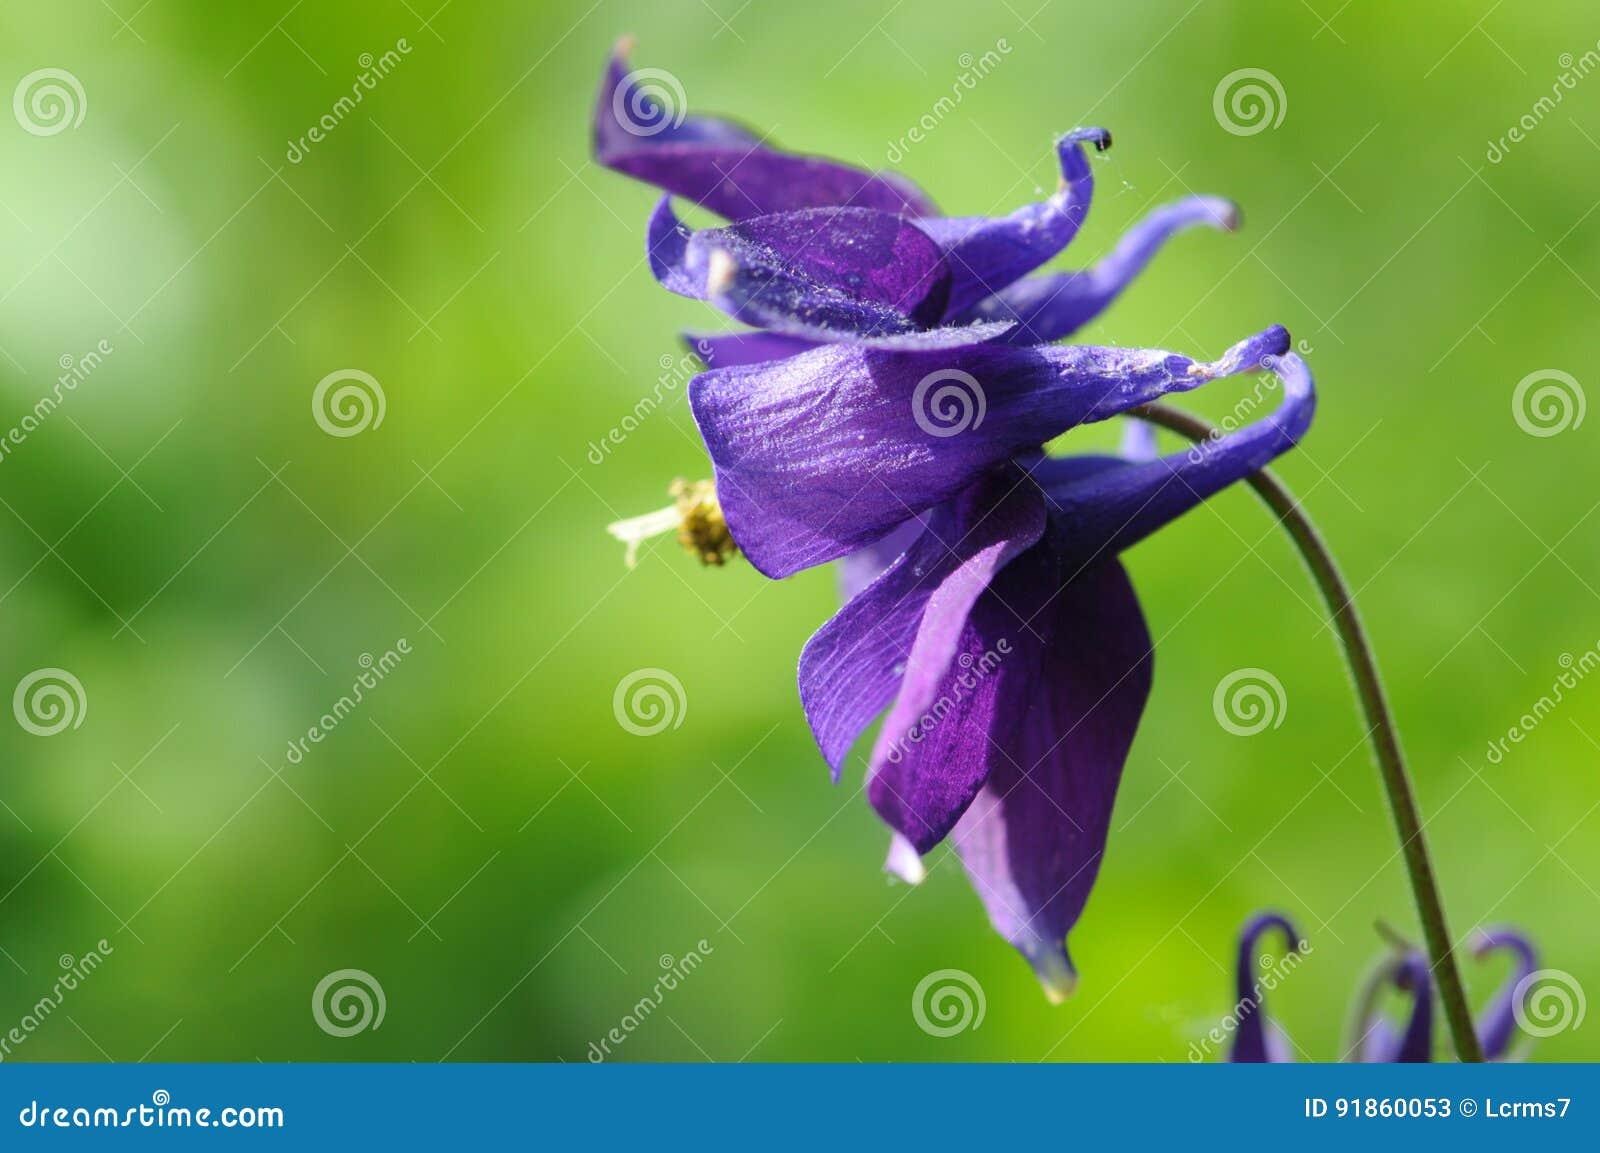 Blue columbine flower blooming outdoor stock image image of blue columbine flower blooming outdoor izmirmasajfo